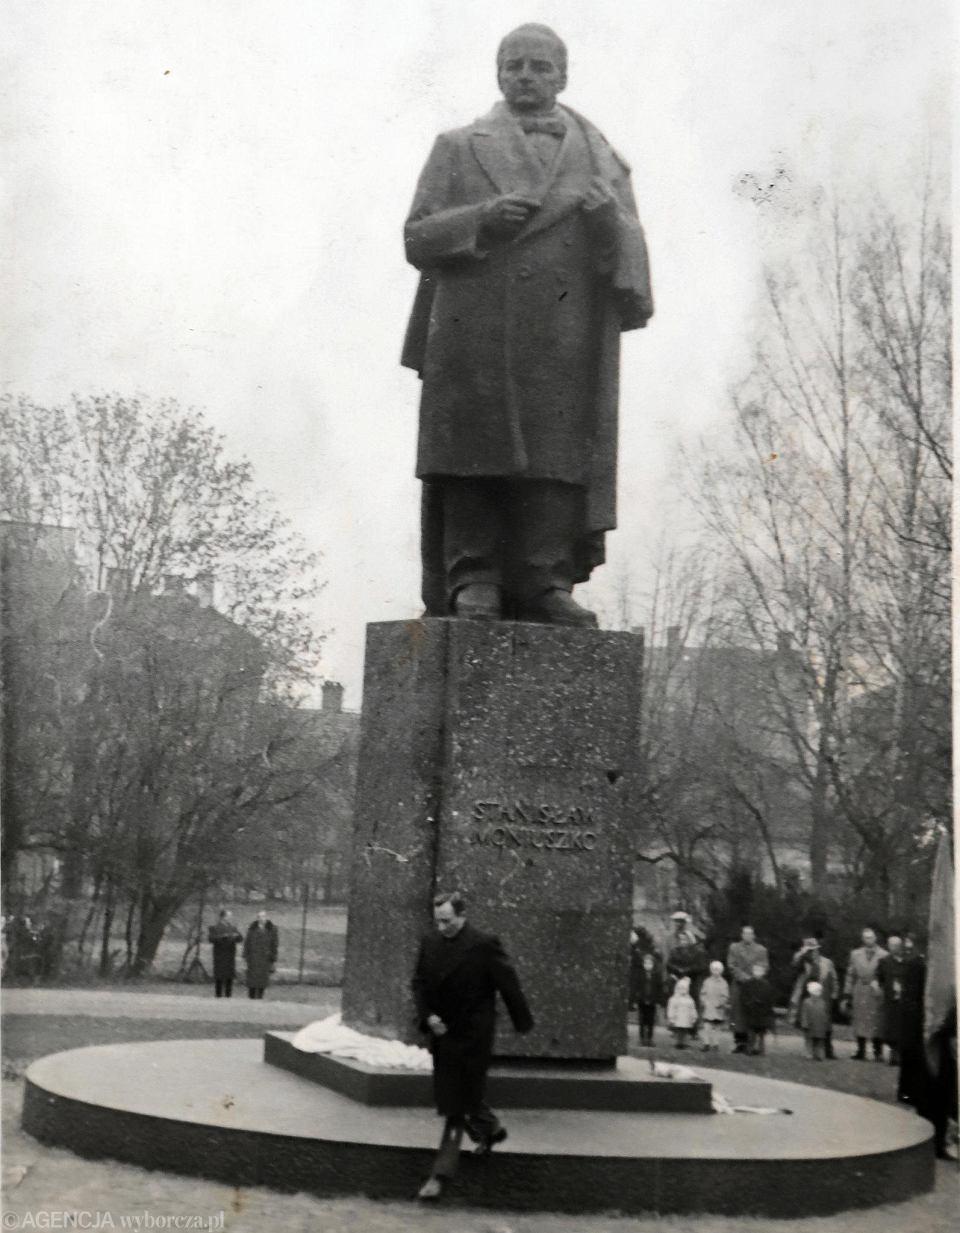 Pomnik Stanisława Moniuszki w parku podjasnogórskim. Zdjęcie z archiwum rodzinnego